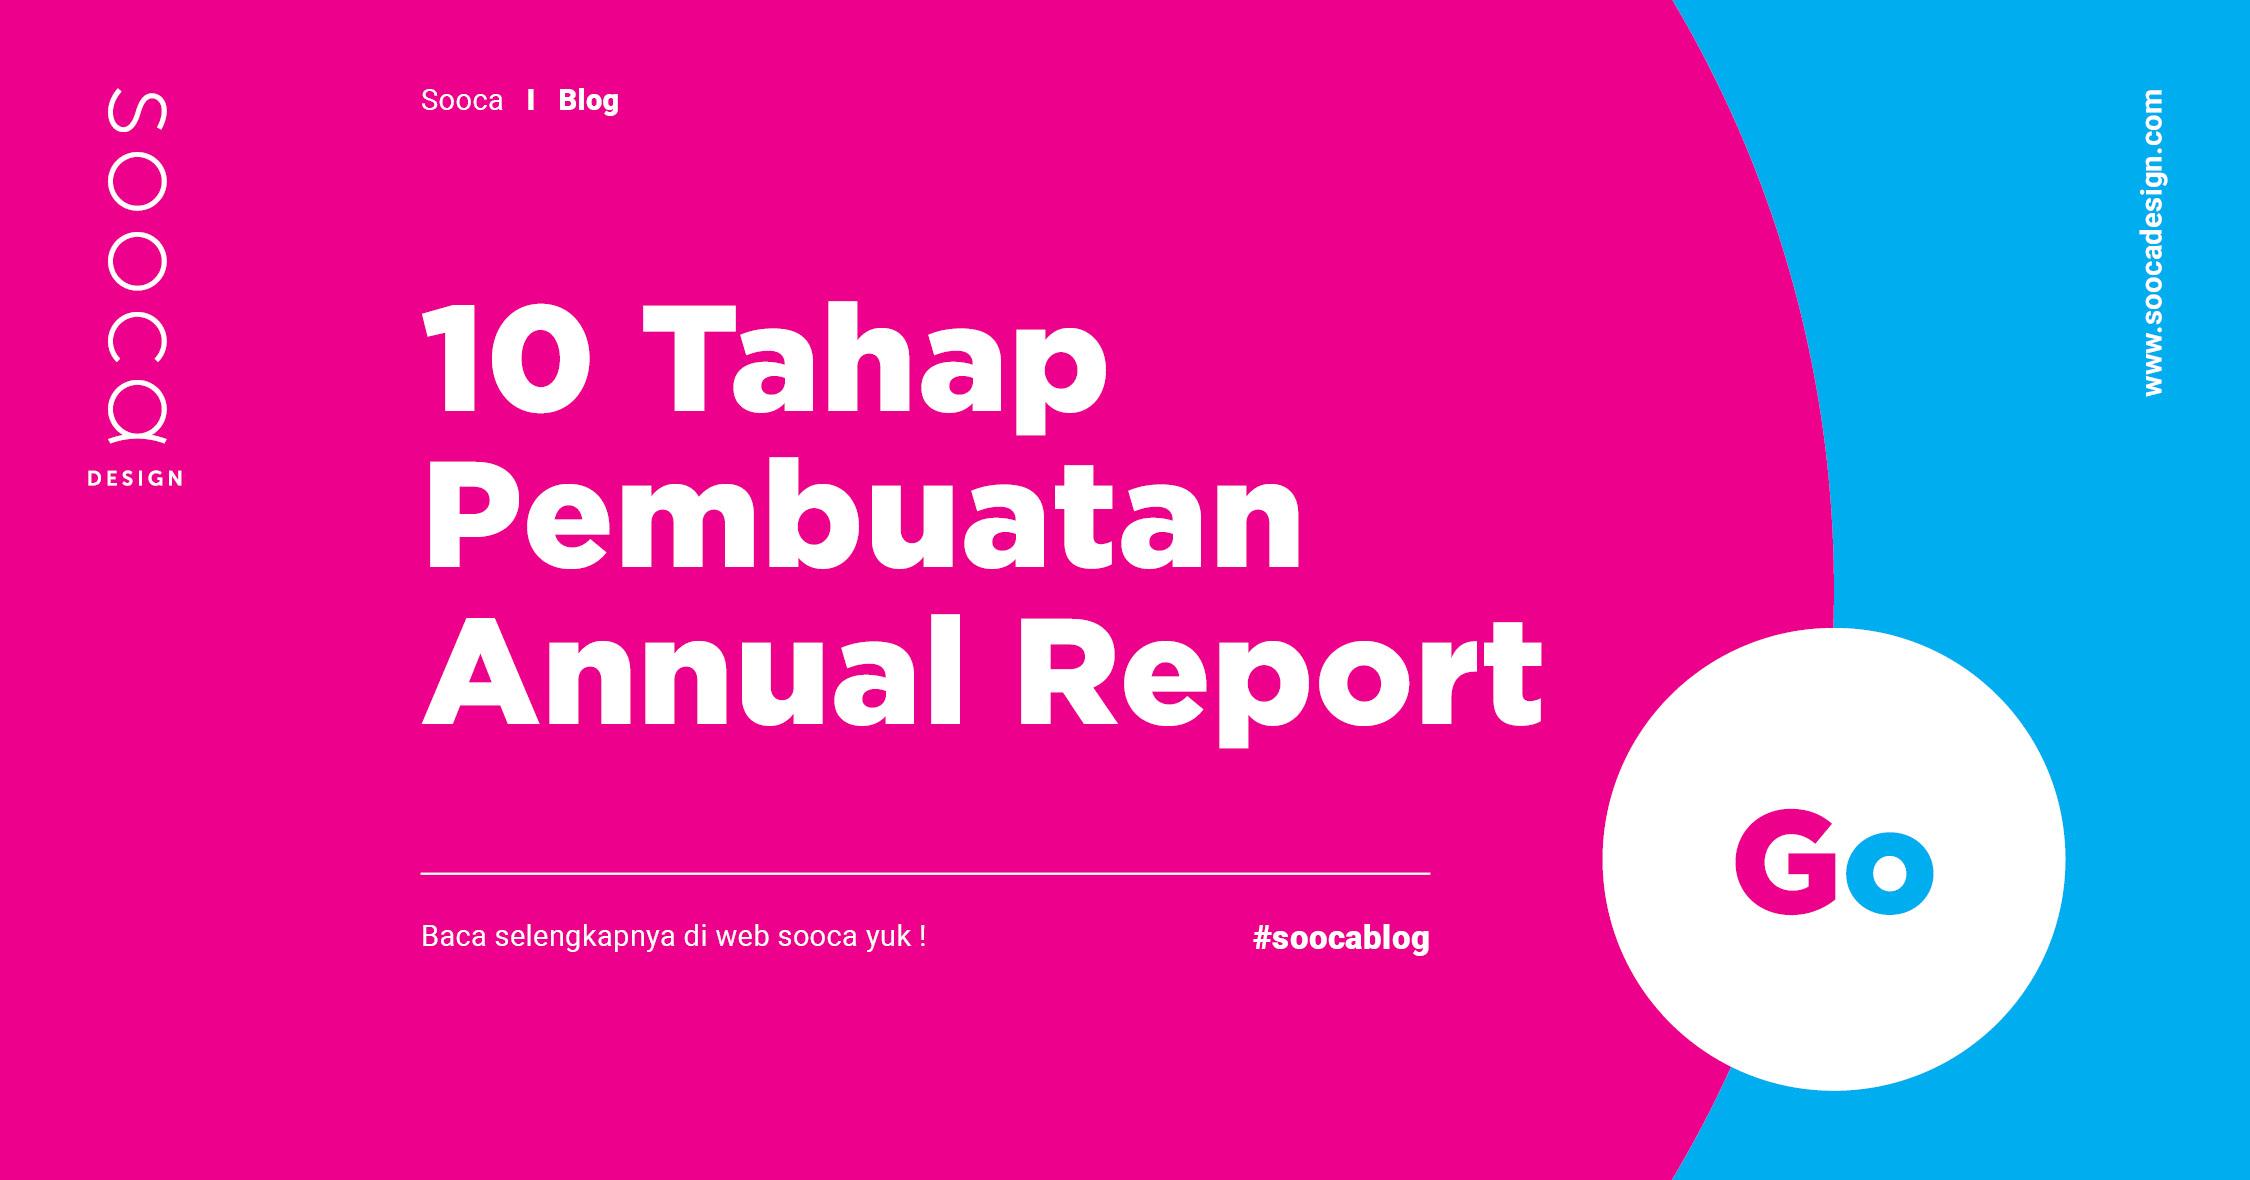 tahap pembuatan annual report